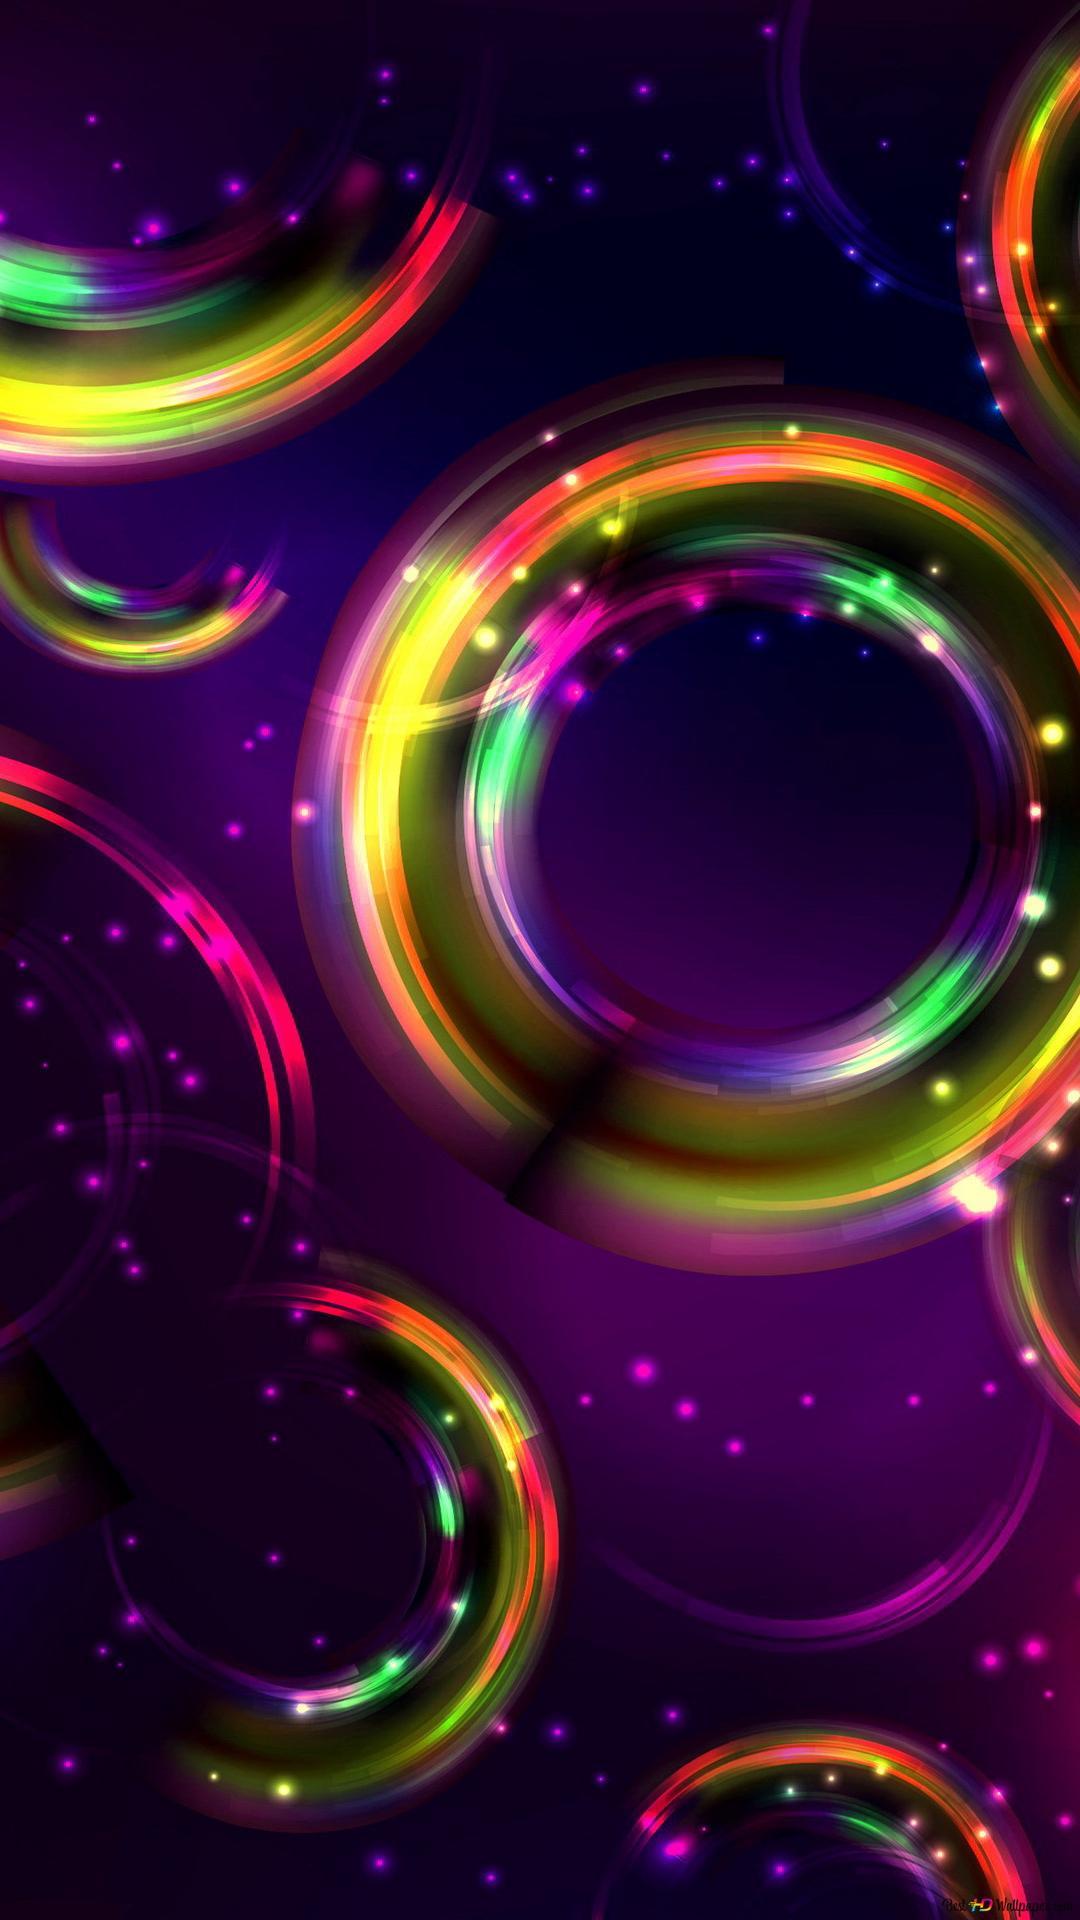 Arcobaleno Scintillante Bolle Download Di Sfondi Hd